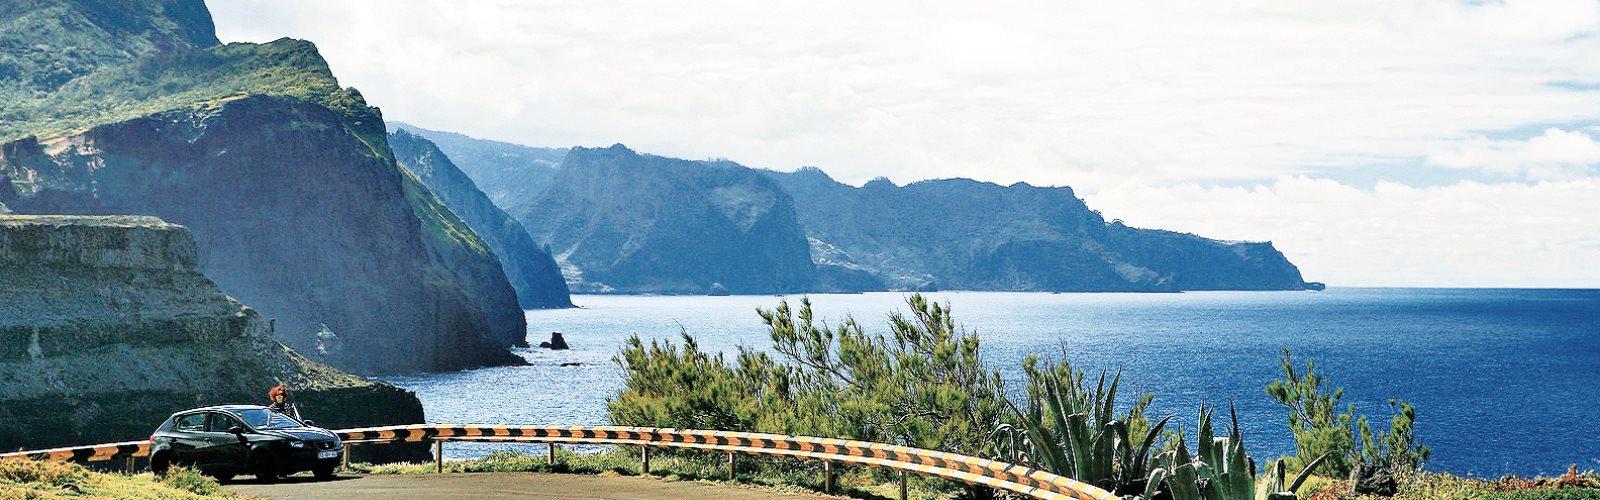 Individuelle Rundreise Auf Madeira Mietwagen Inklusive